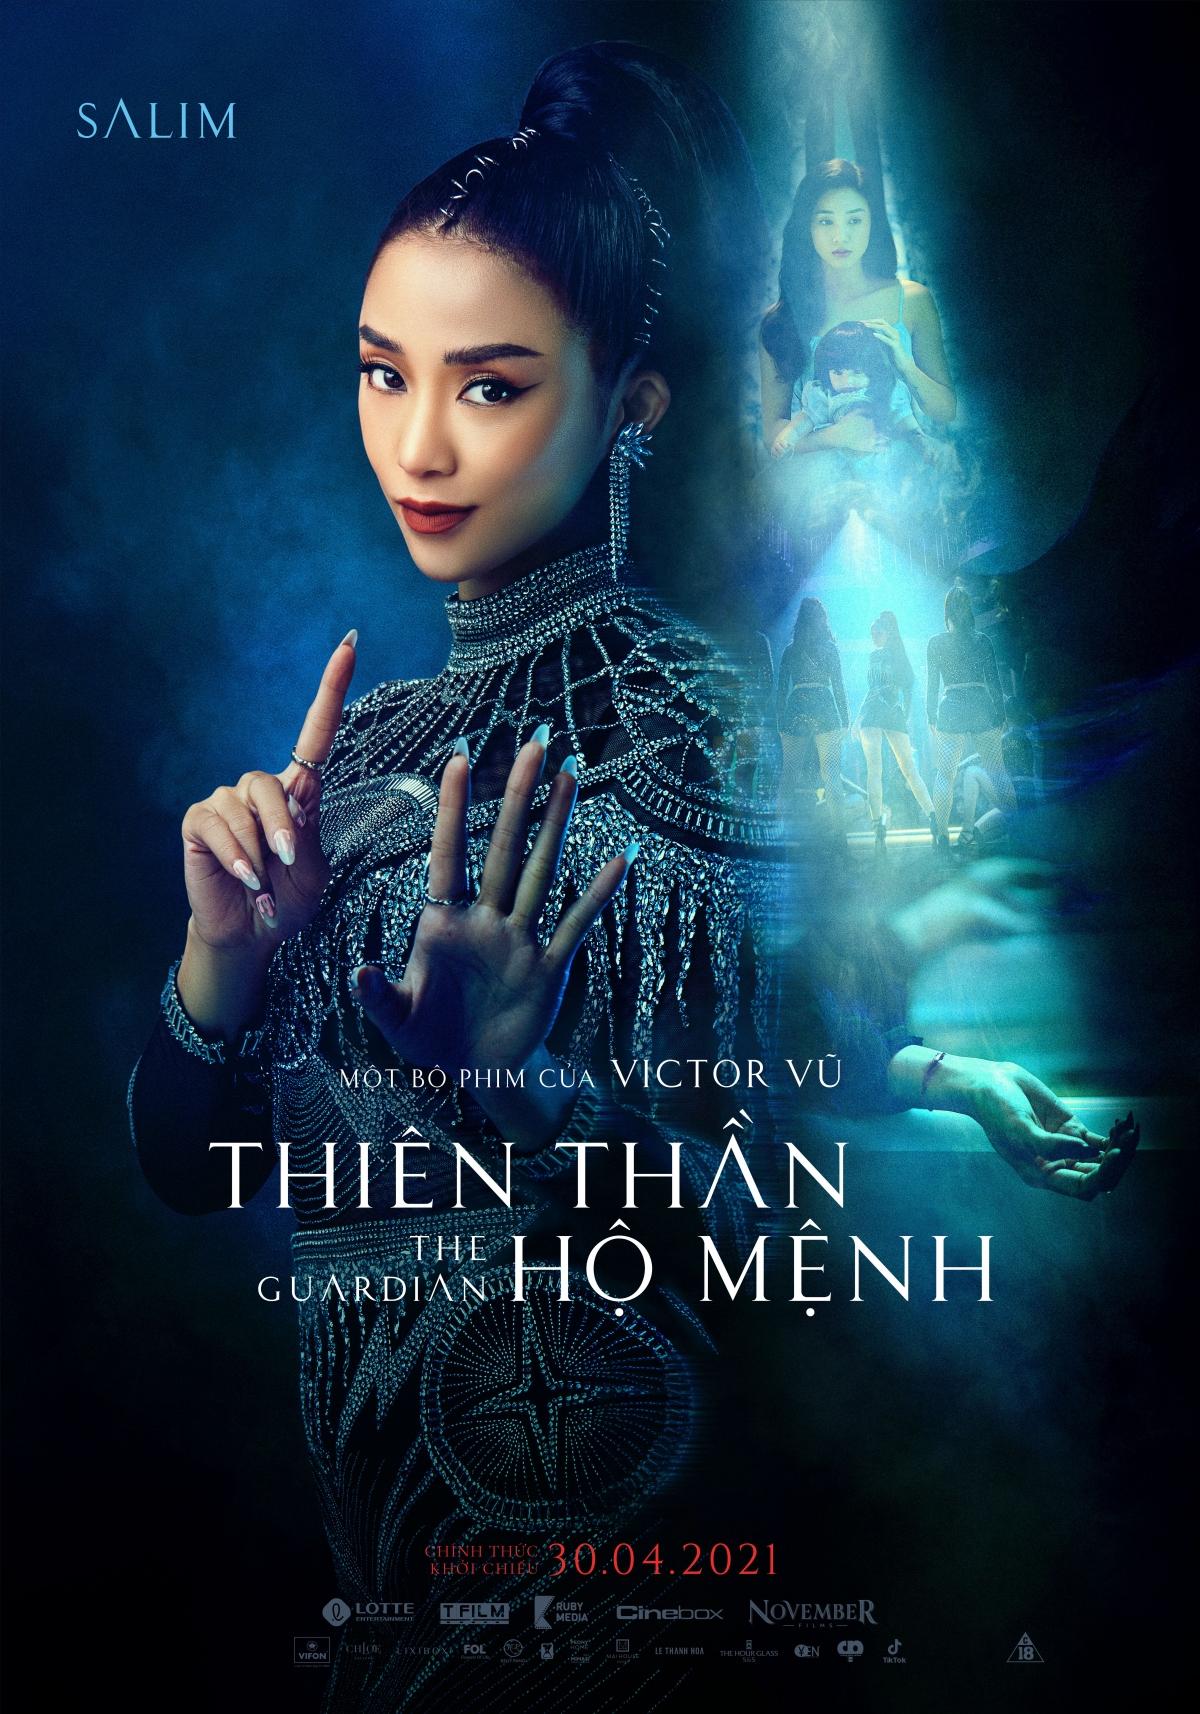 """Salim thủ vai """"IT girl"""" Lam Phương."""